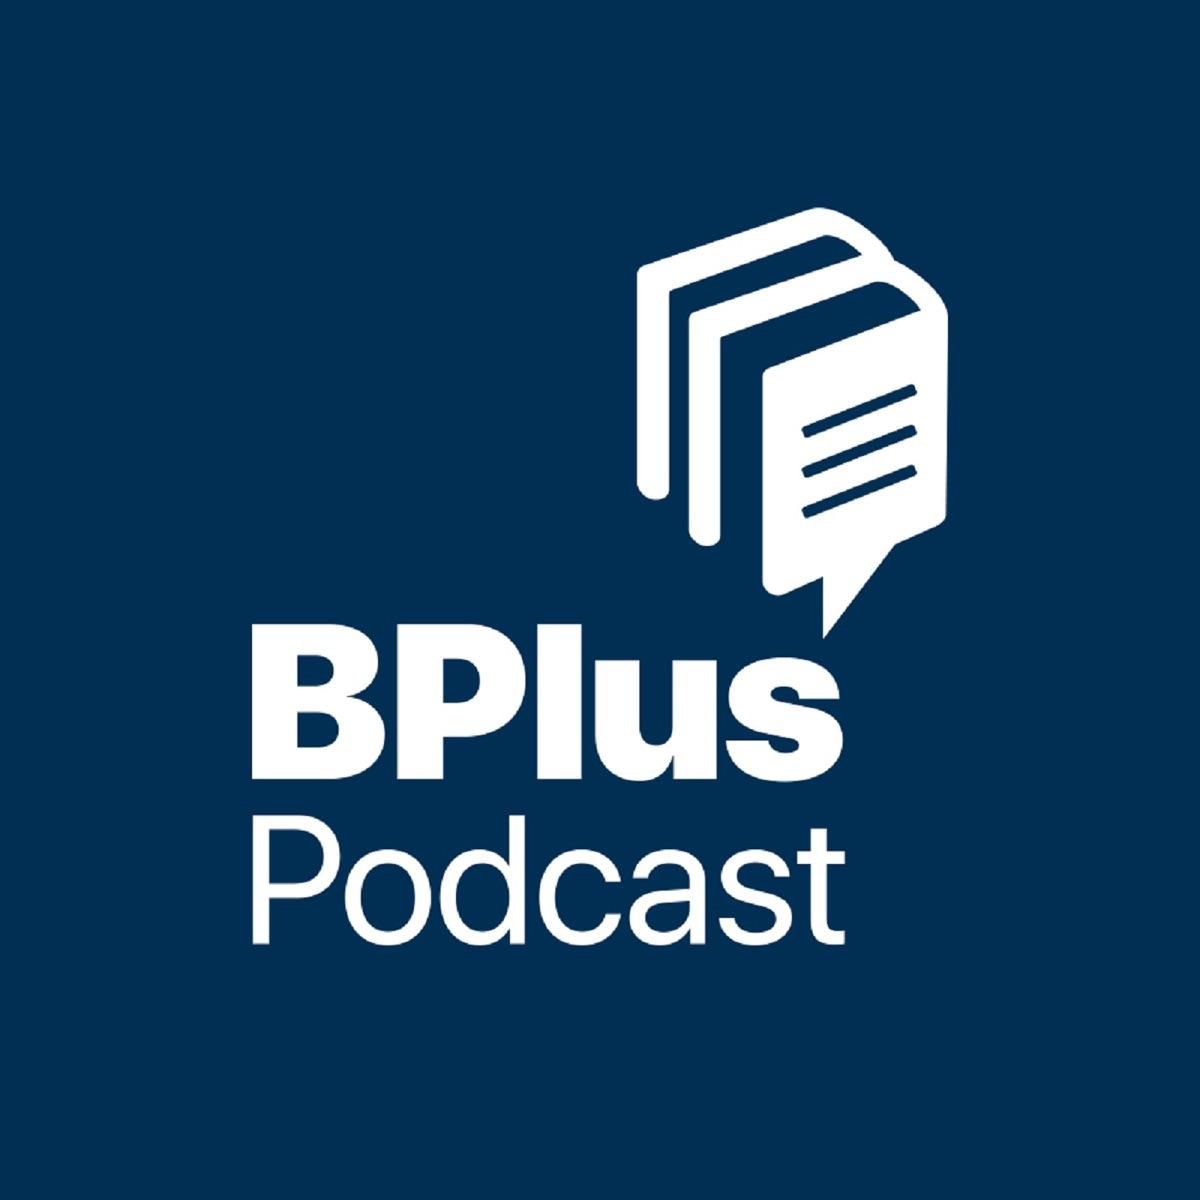 BPLUS بیپلاس پادکست فارسی خلاصه کتاب